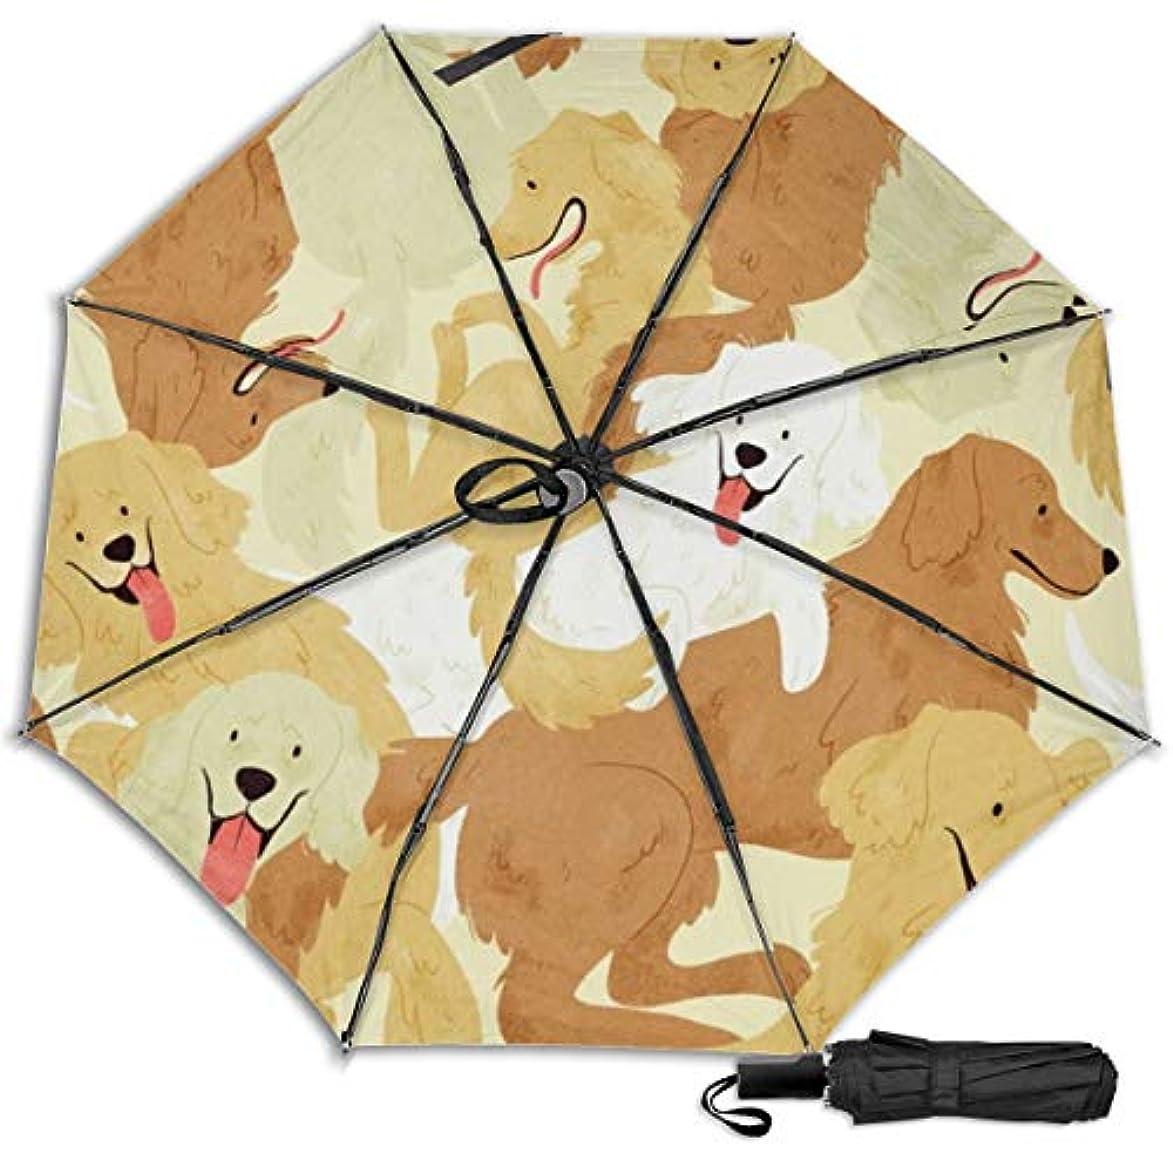 施しフォーム動揺させる素敵なバレンタインデー日傘 折りたたみ日傘 折り畳み日傘 超軽量 遮光率100% UVカット率99.9% UPF50+ 紫外線対策 遮熱効果 晴雨兼用 携帯便利 耐風撥水 手動 男女兼用